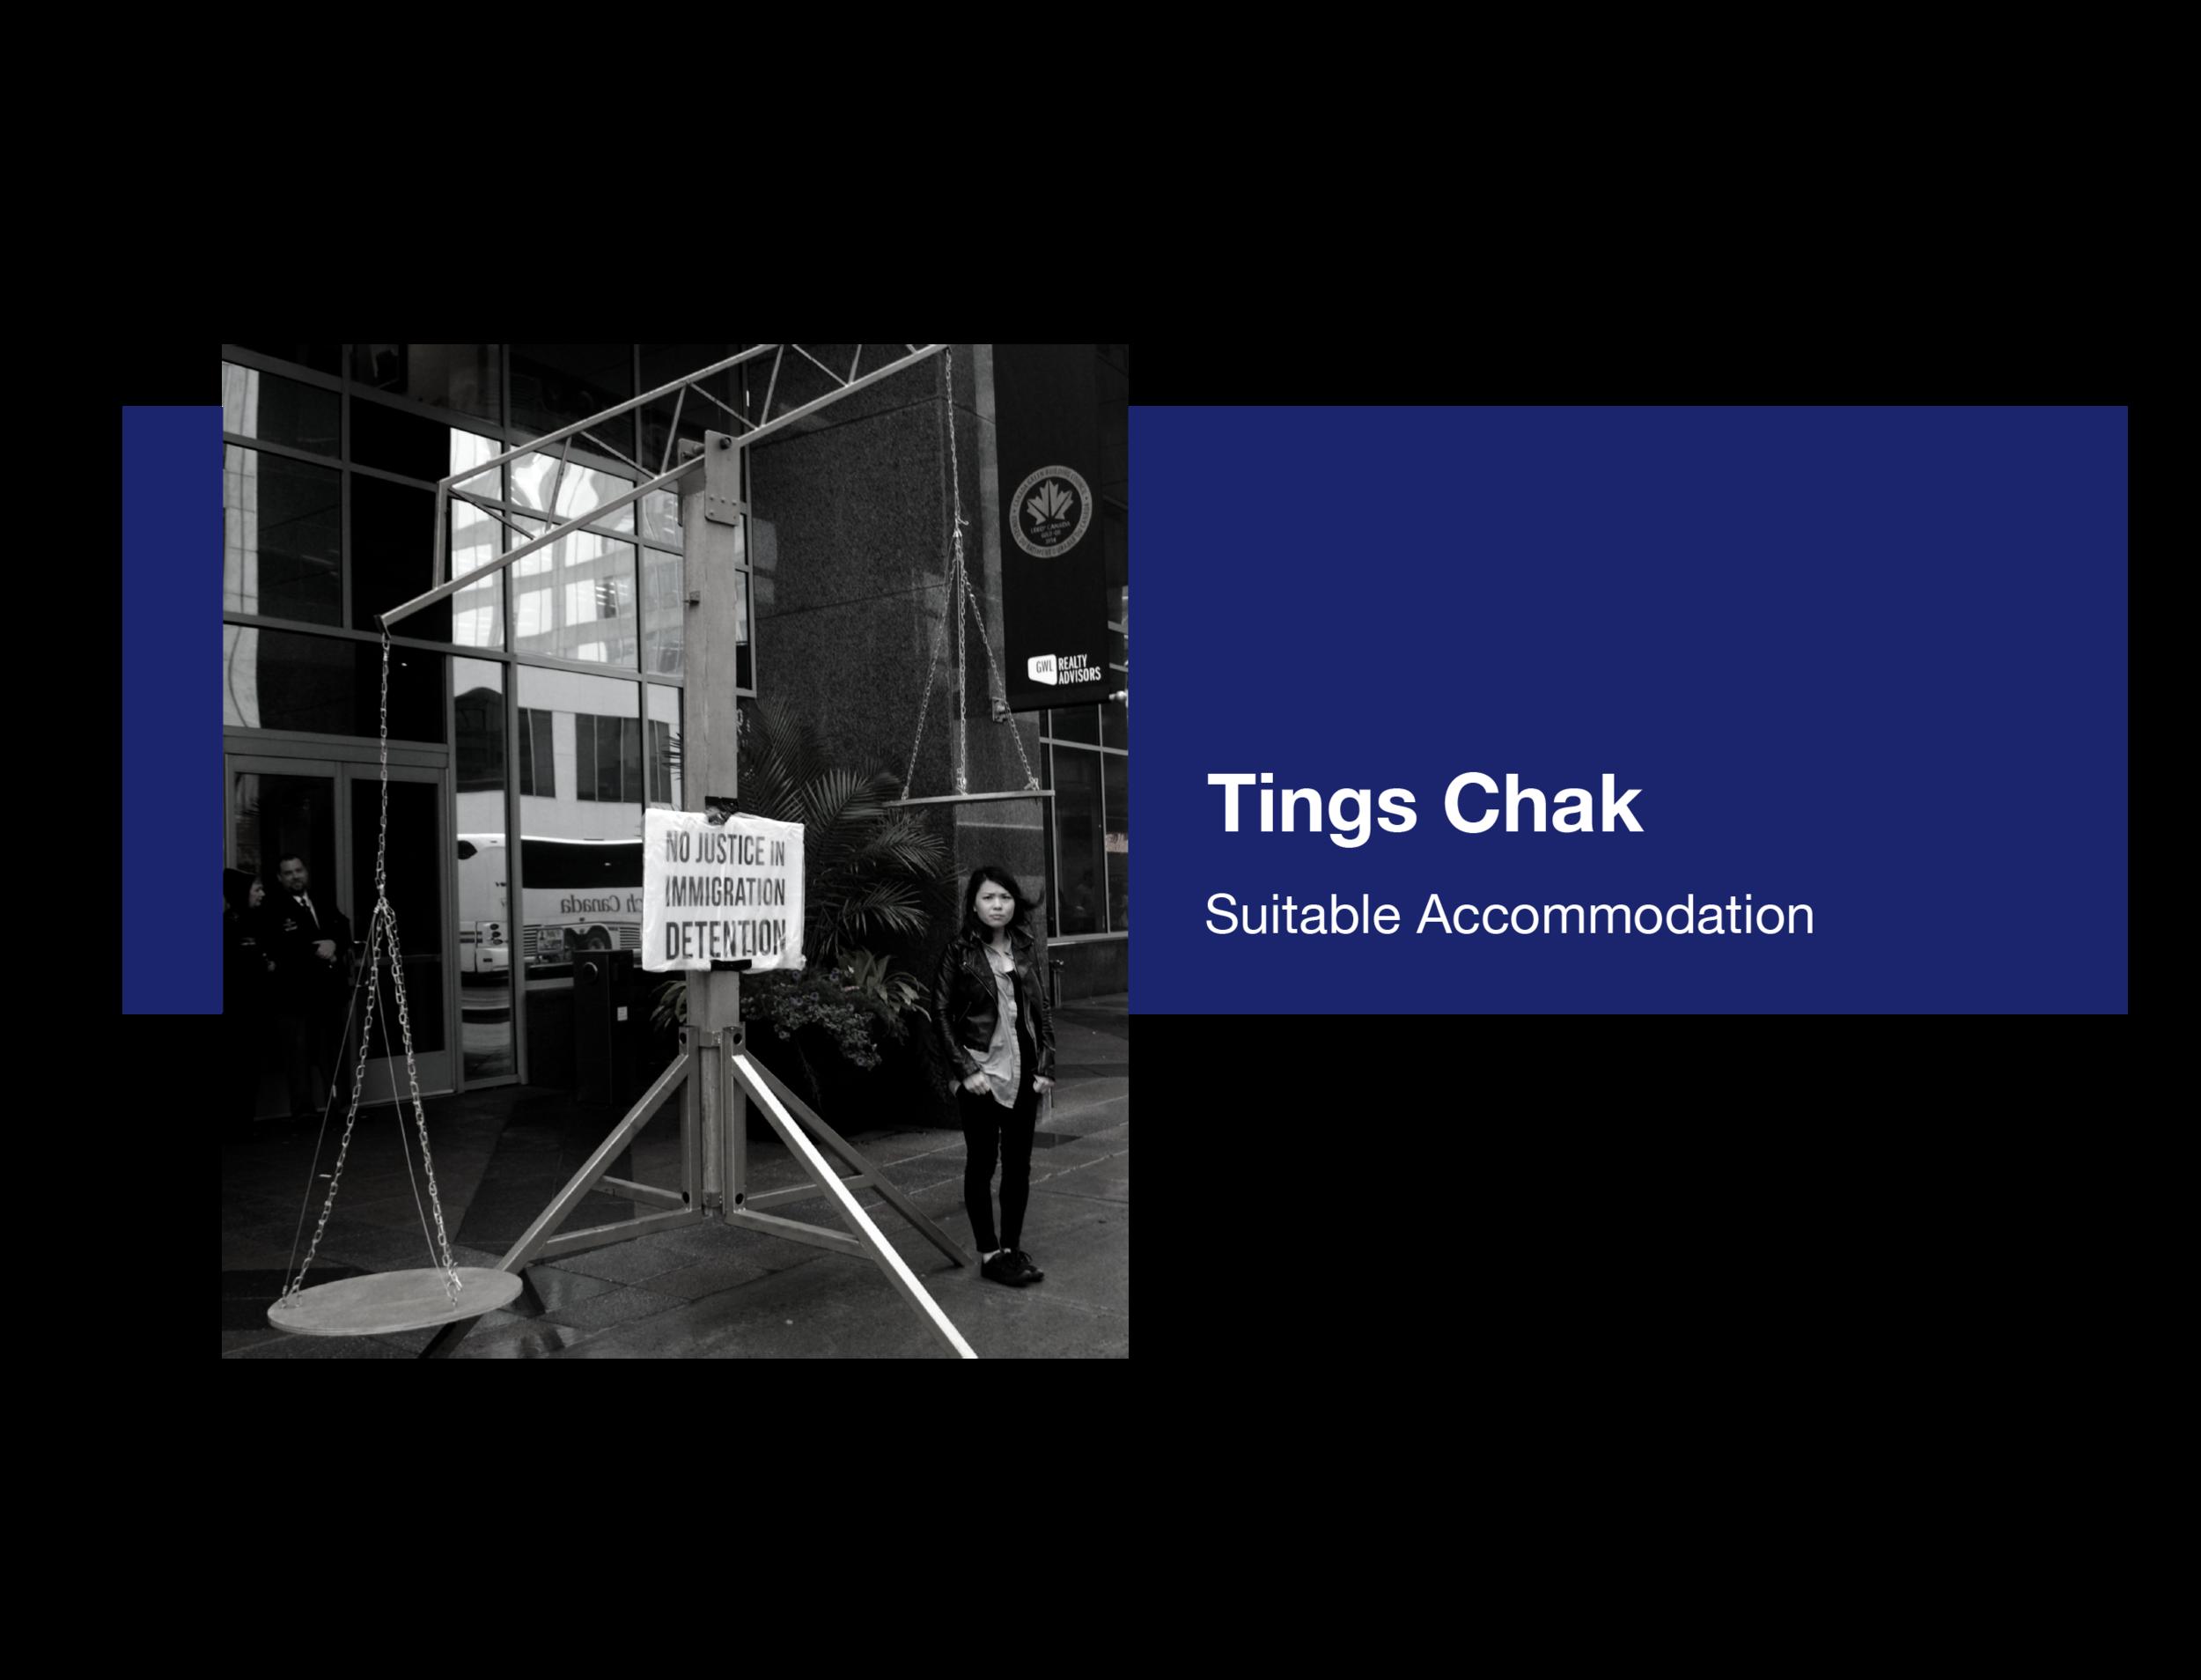 Tings Chak